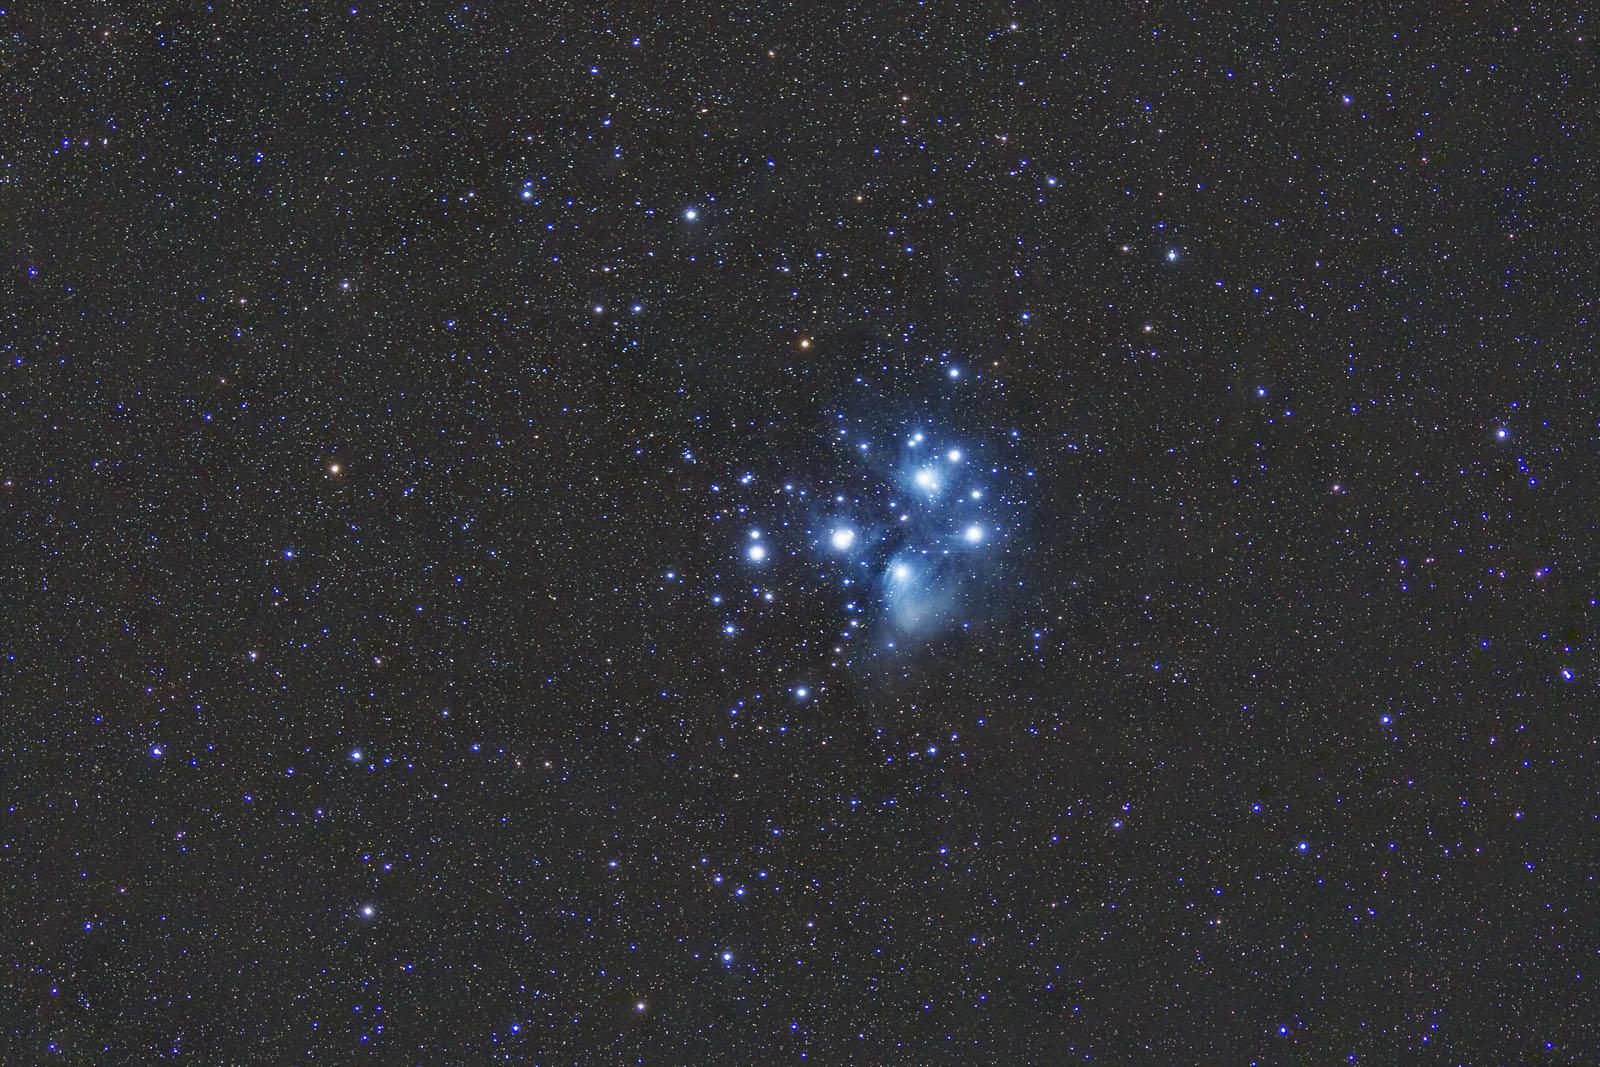 M45_081226_22h34m_sp180f4c_6x15m_s